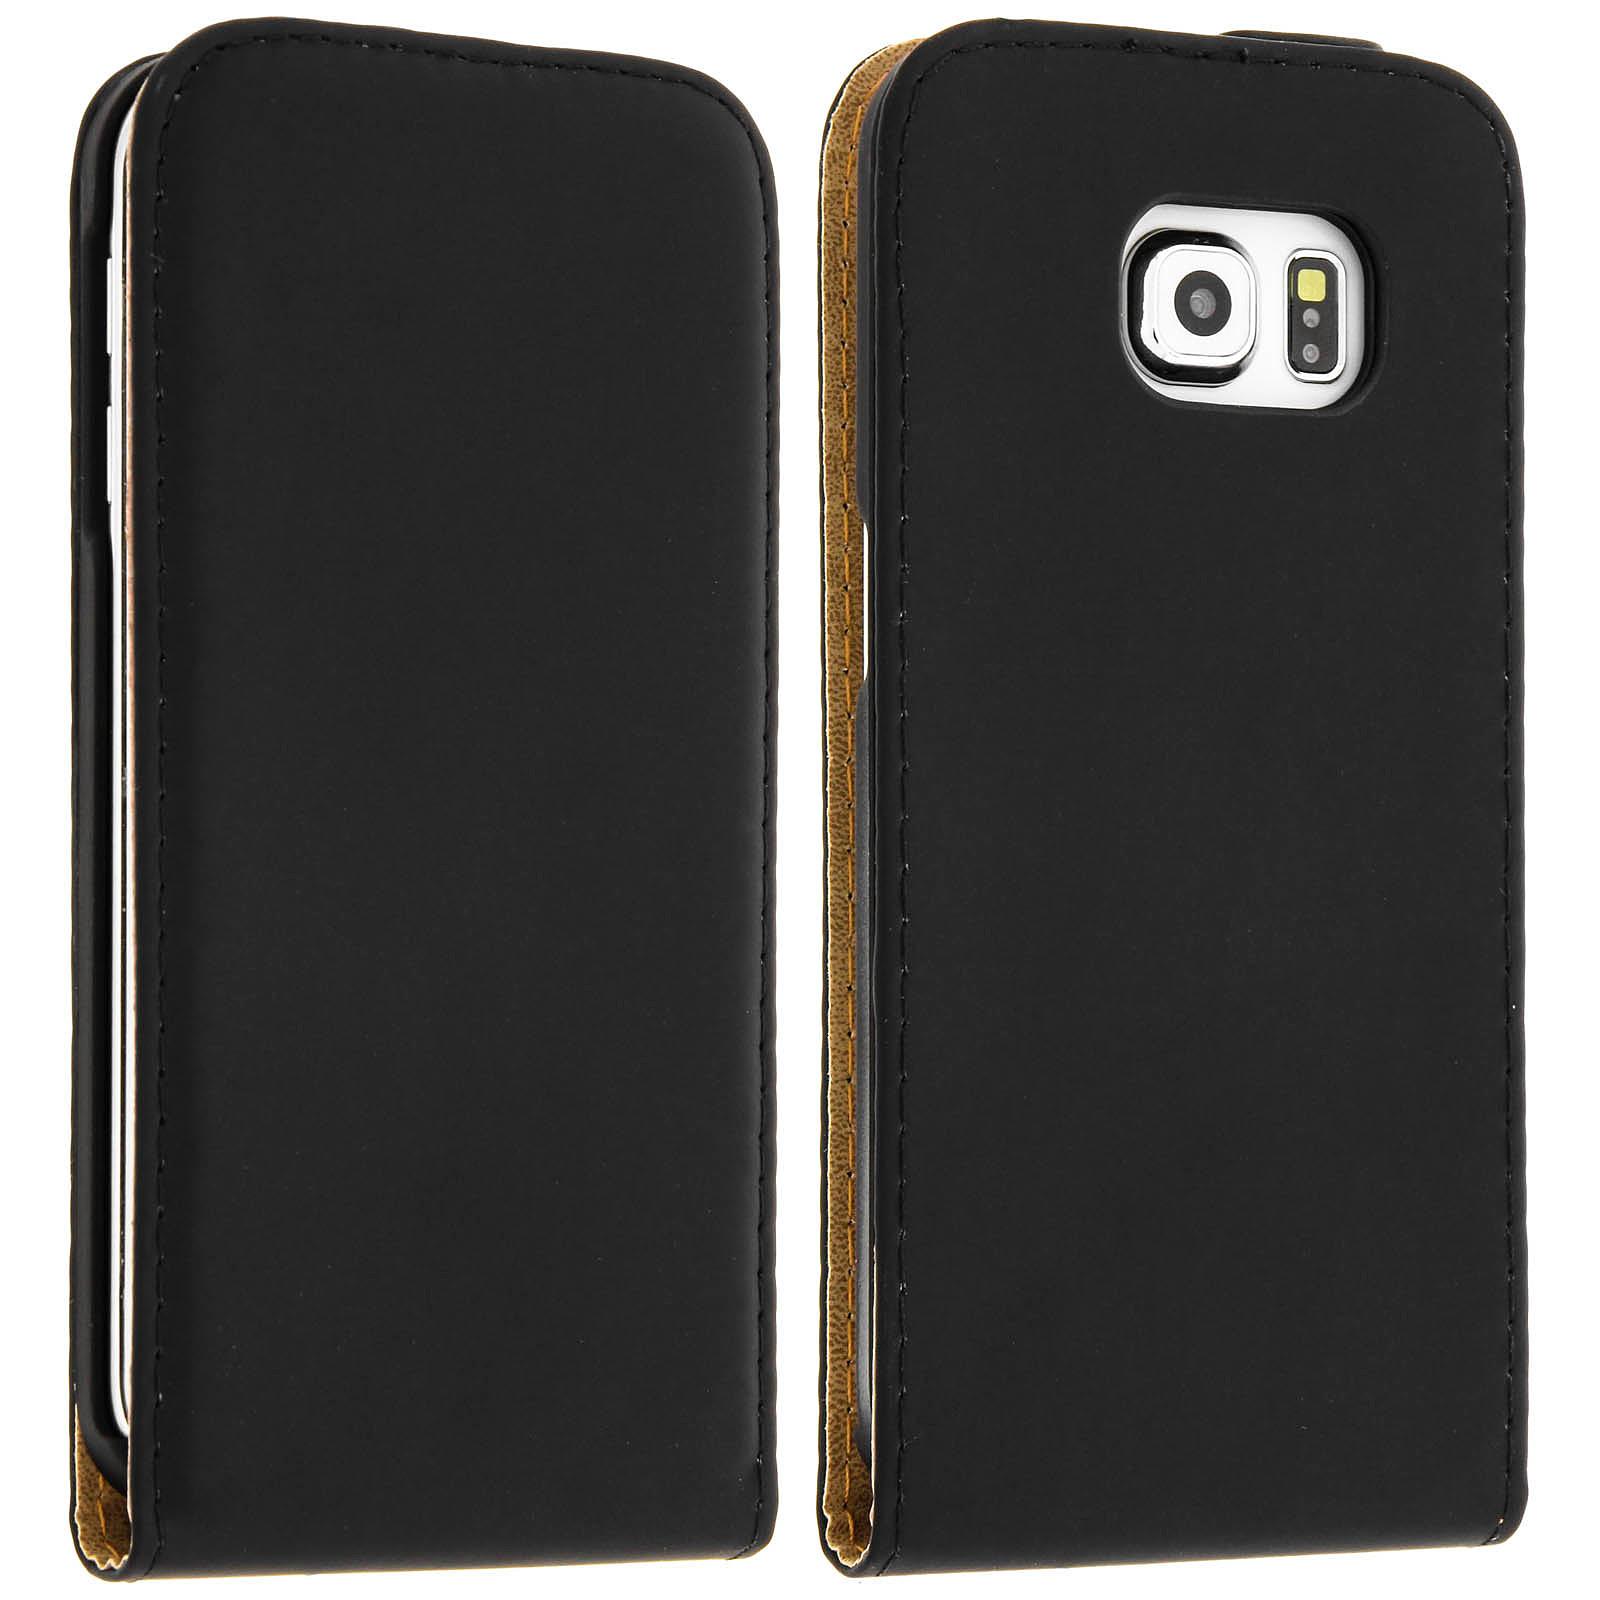 Avizar Etui à clapet Noir pour Samsung Galaxy S6 Edge